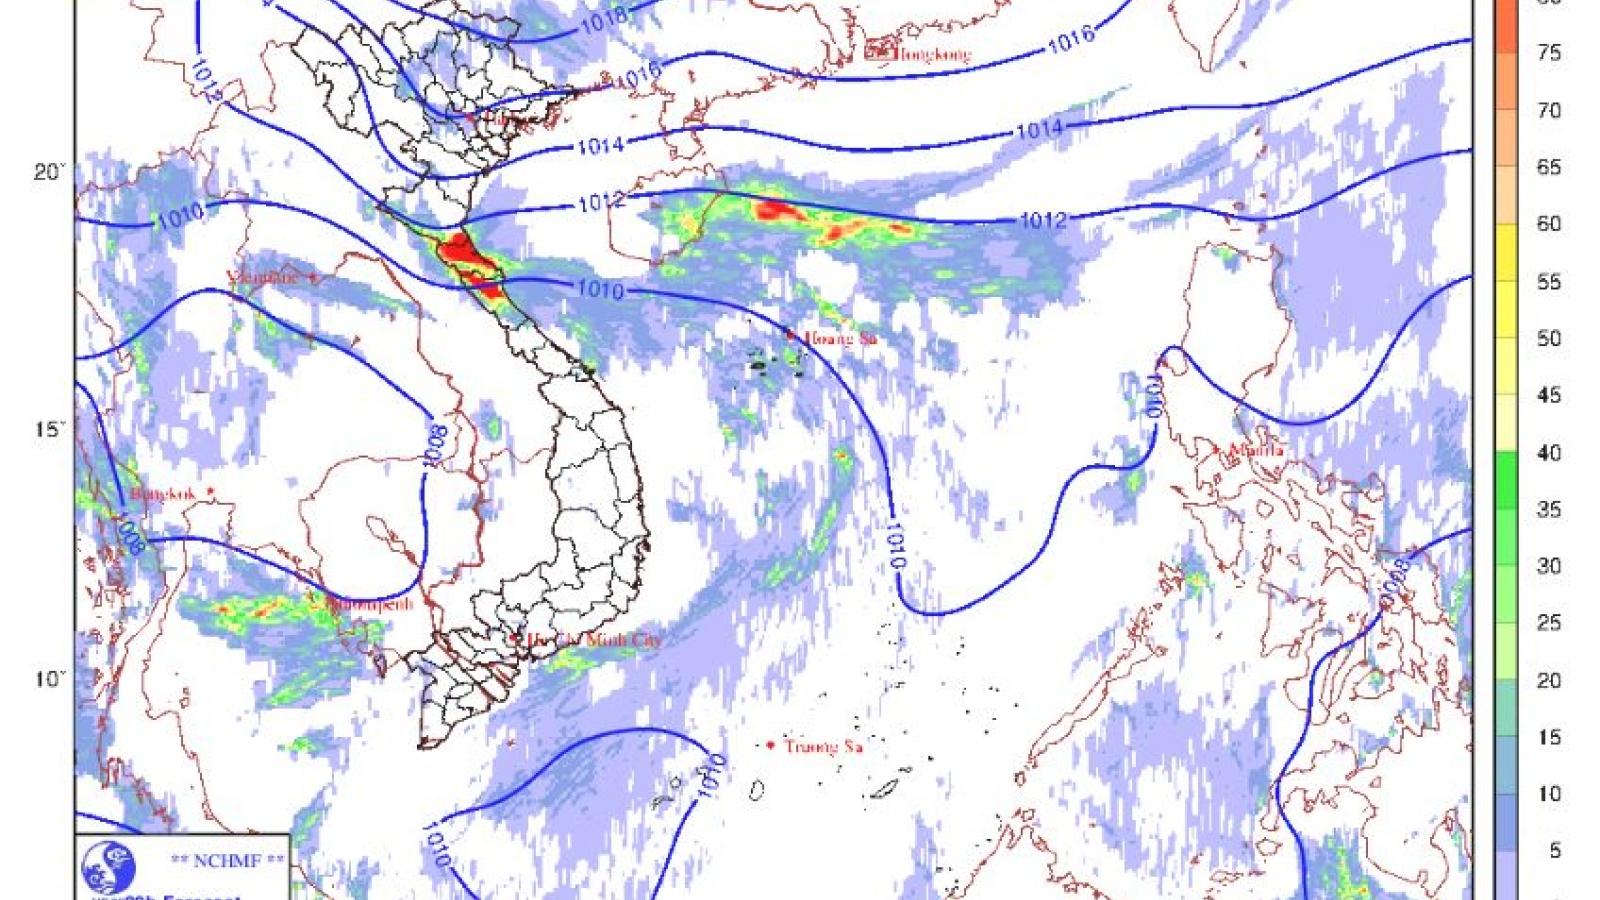 Không khí lạnh tăng cường, sáng mai các tỉnh Bắc Bộ có mưa, mưa rào